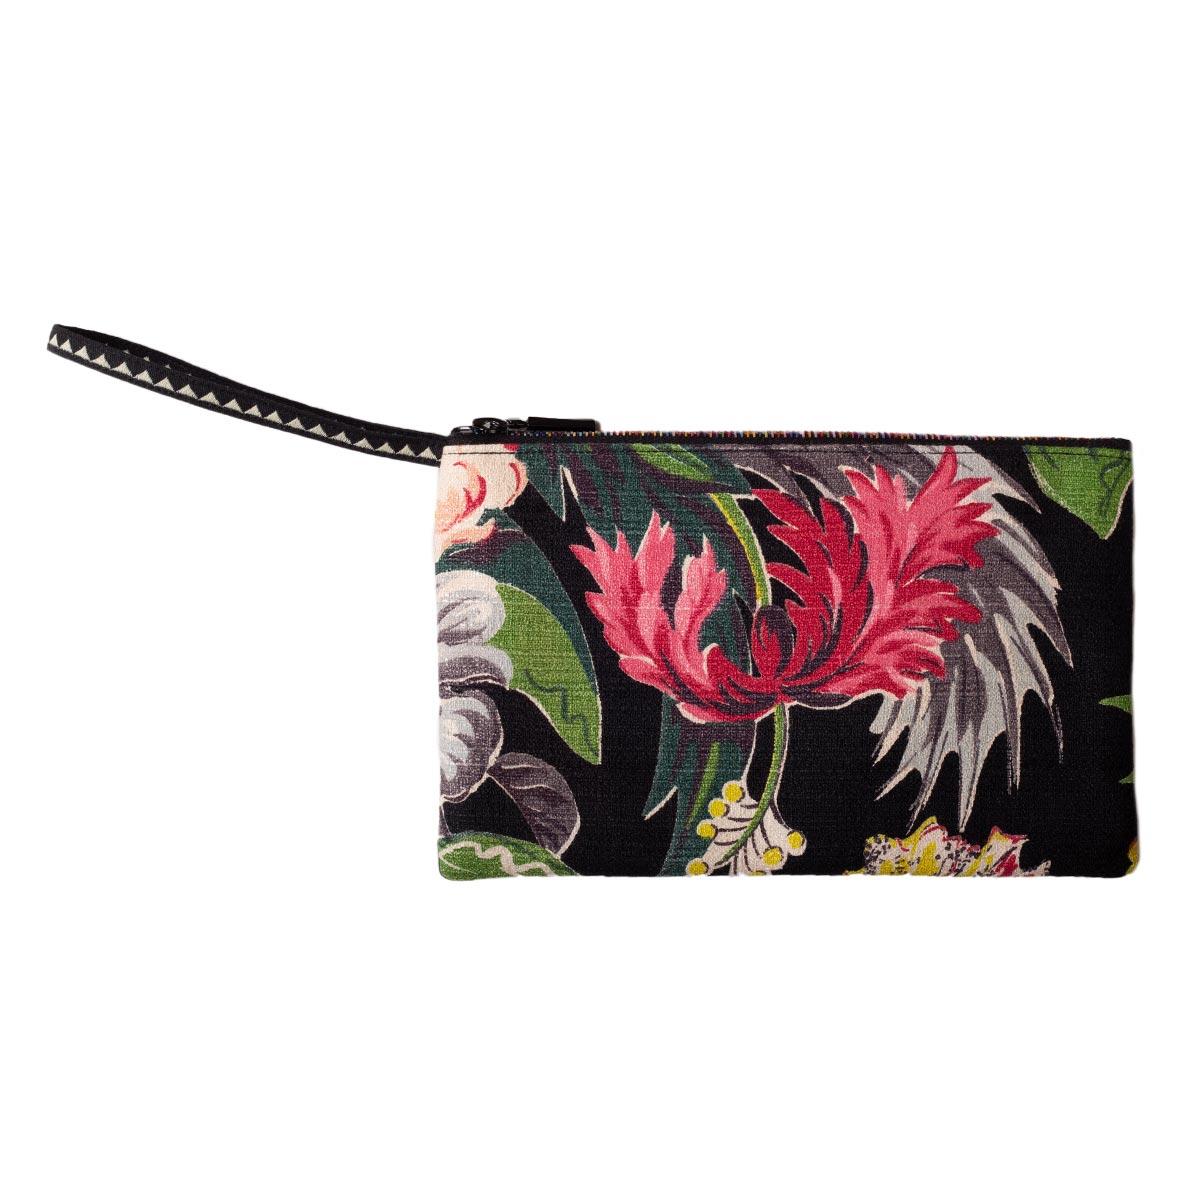 Floral Motif on Black